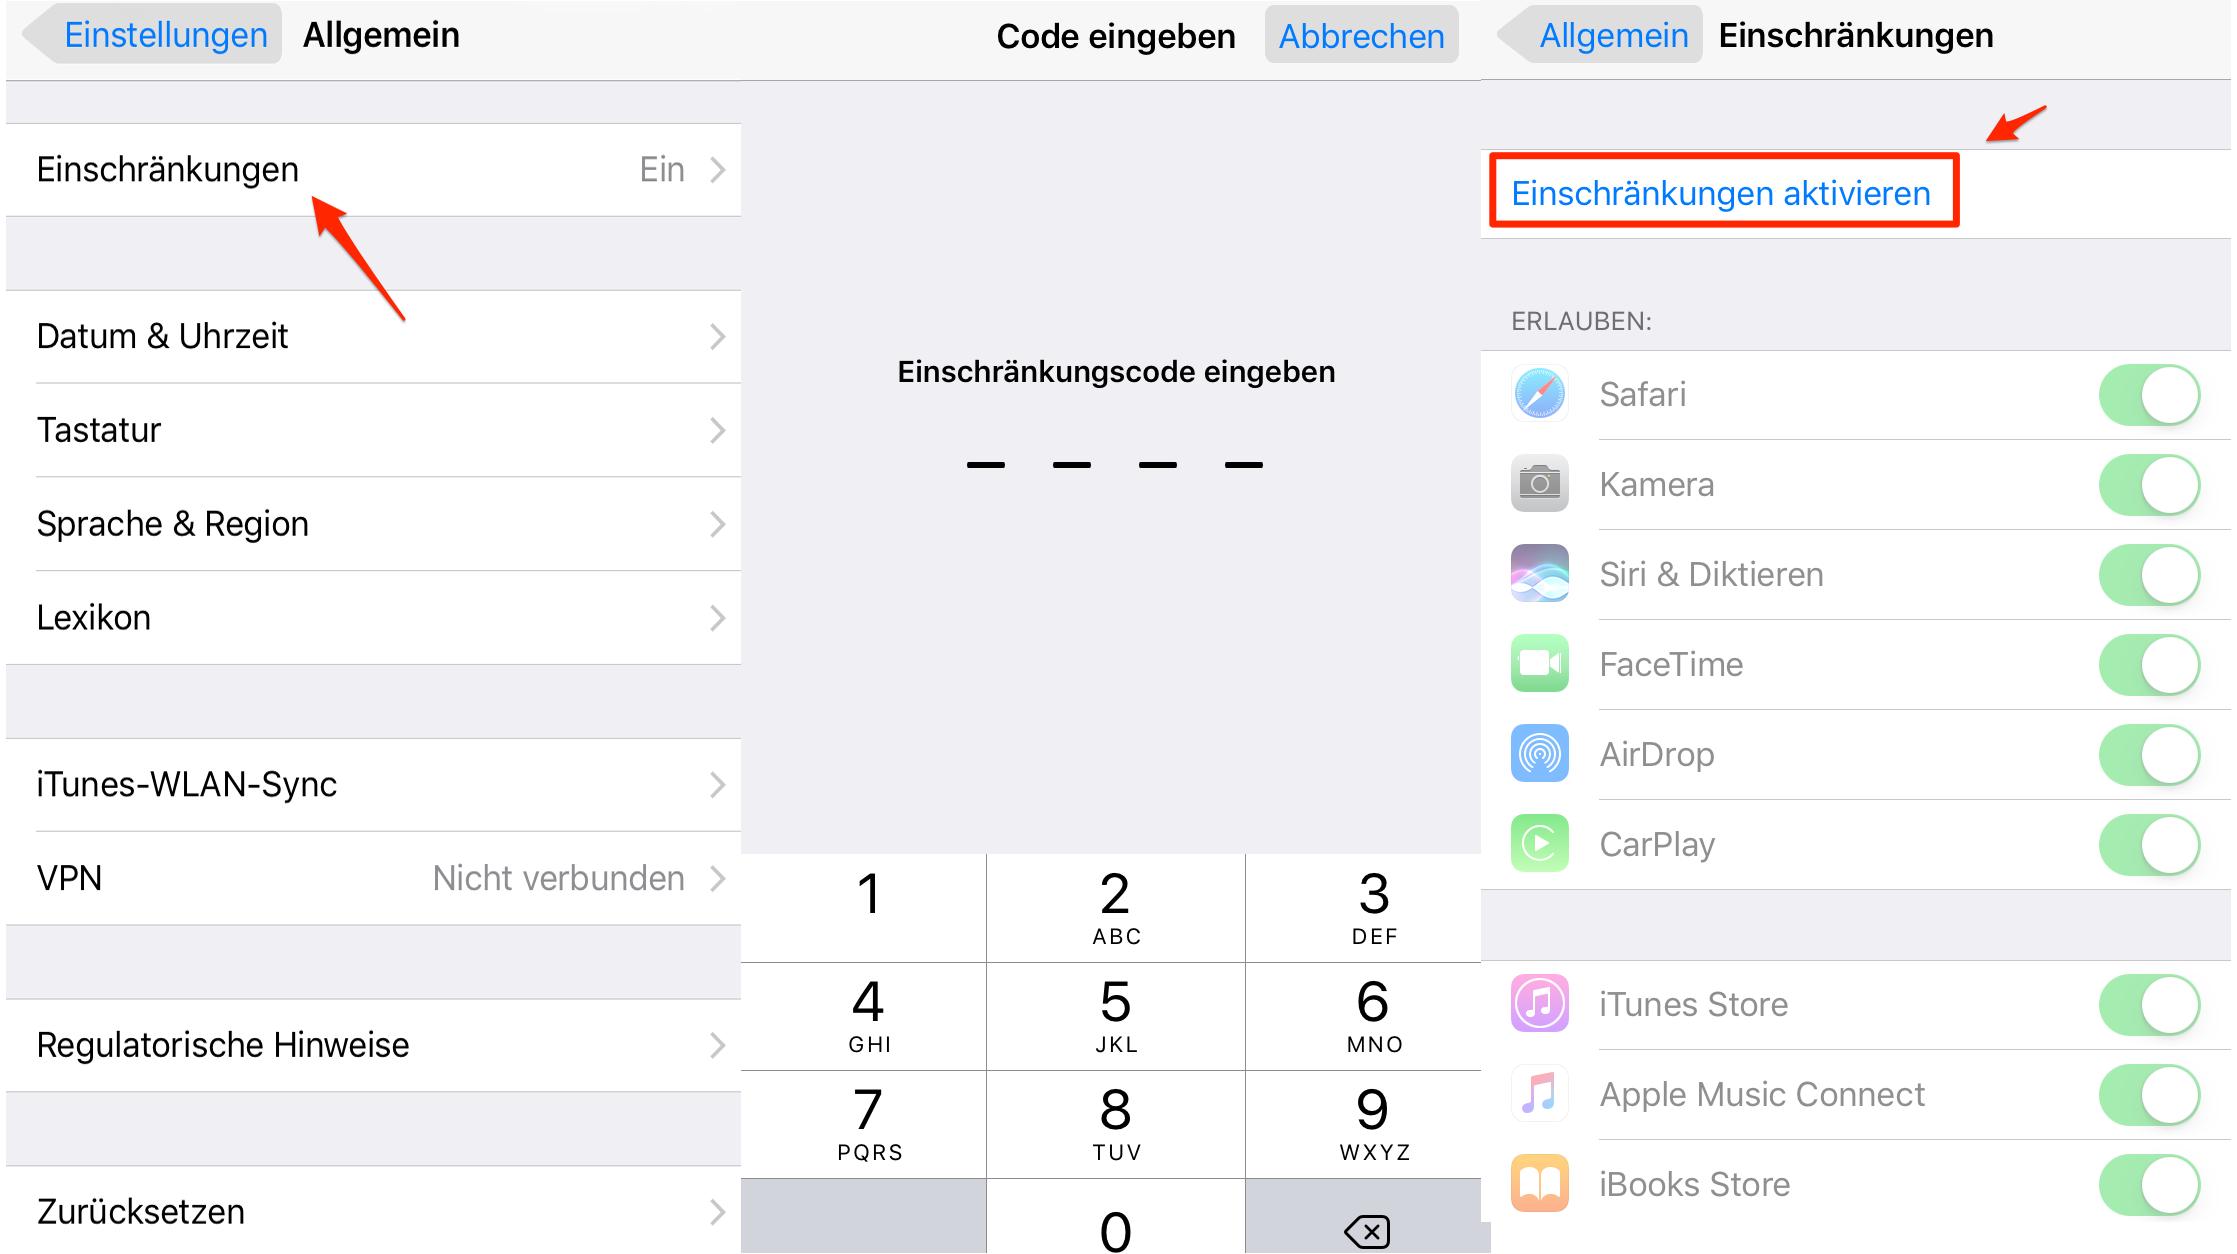 Einschränkung auf dem iPhone/iPad einrichten – Schritt 1